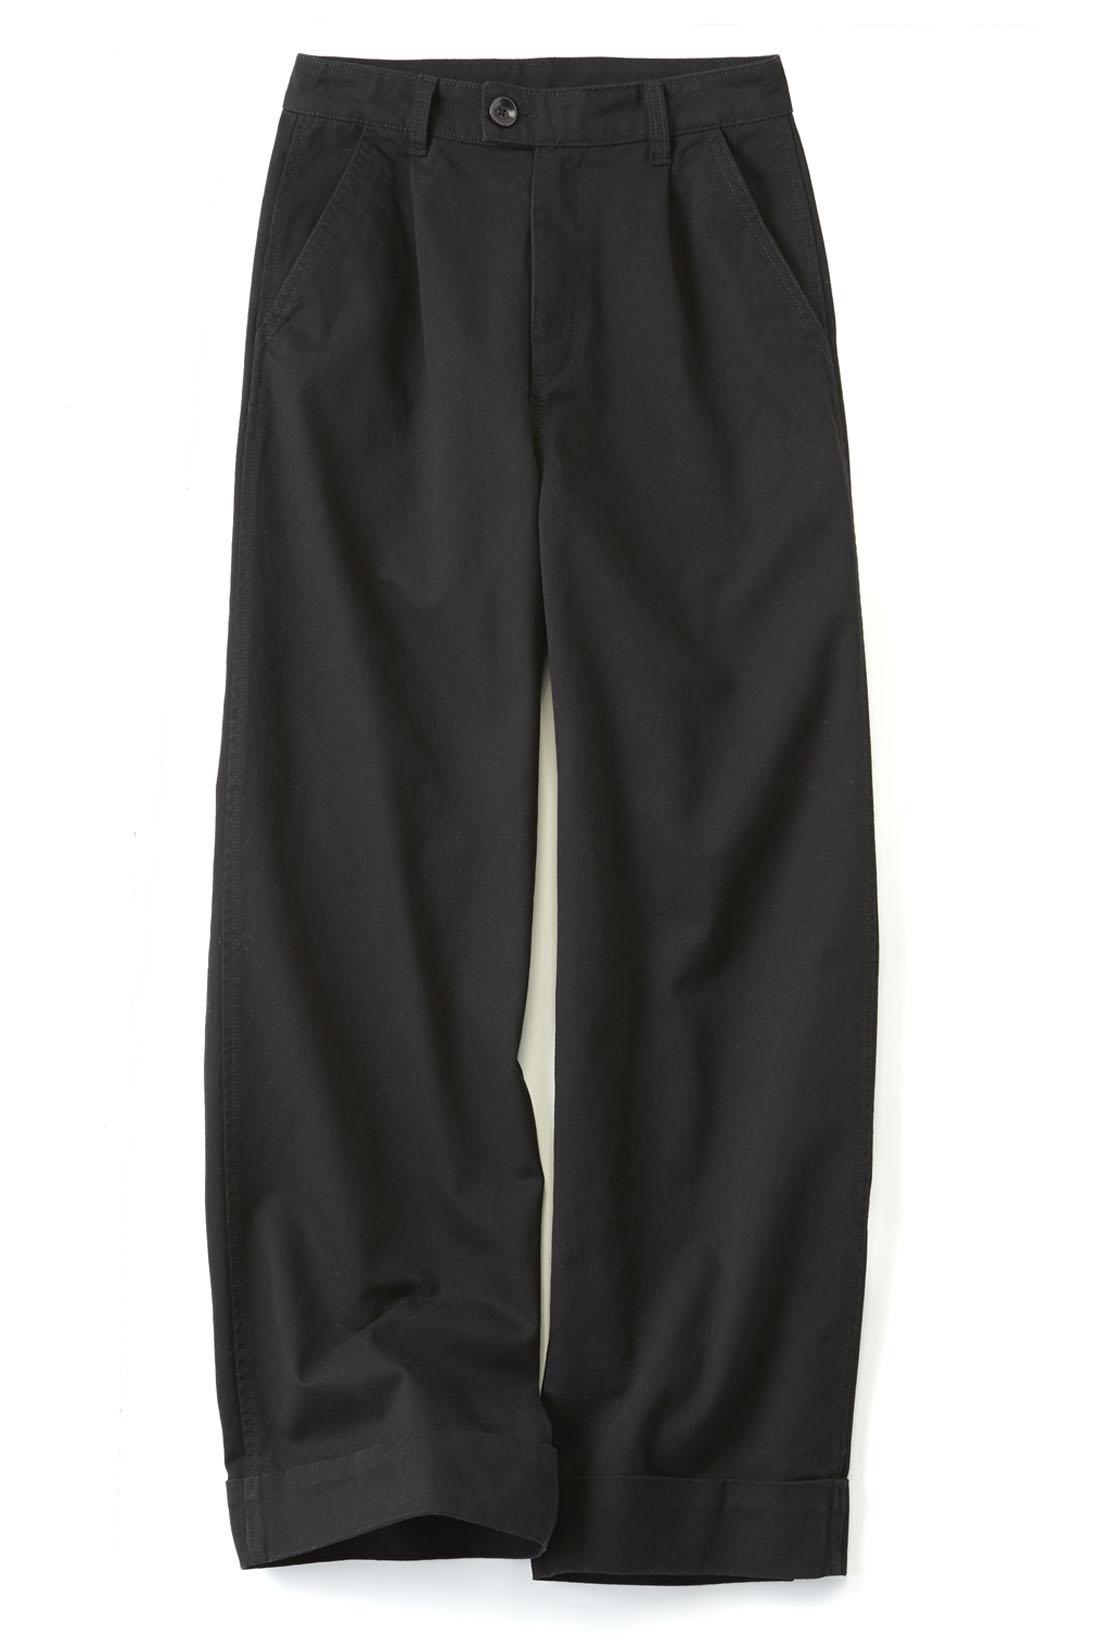 シックにあか抜ける〈ブラック〉 太め幅のダブルのすそでほどよくきちんと。縫い付けてあるからバランスに悩みません。